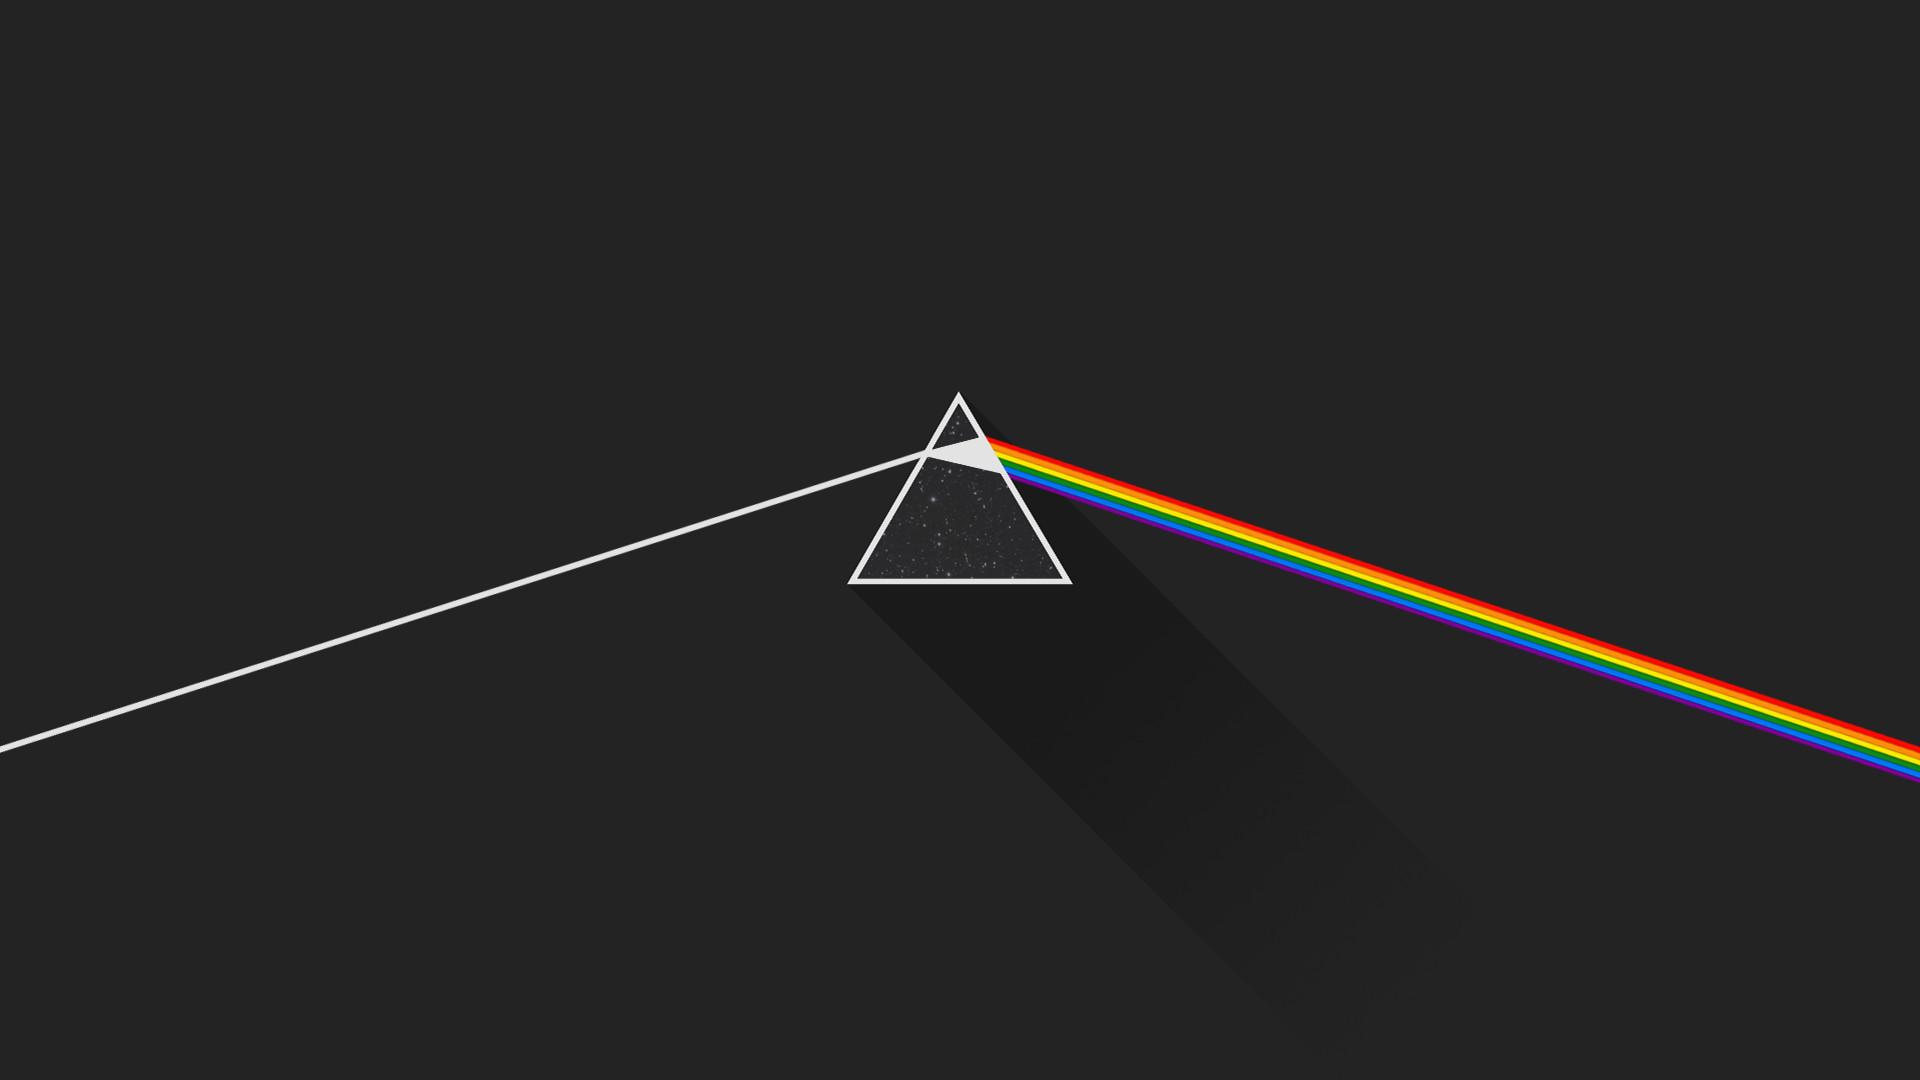 Pink Floyd Desktop Wallpaper 71 Images